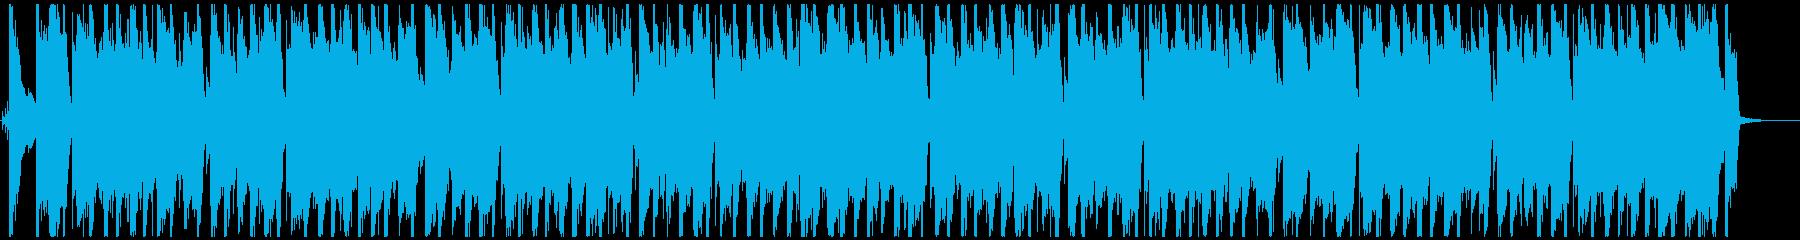 近未来的でミステリアスなBGMの再生済みの波形